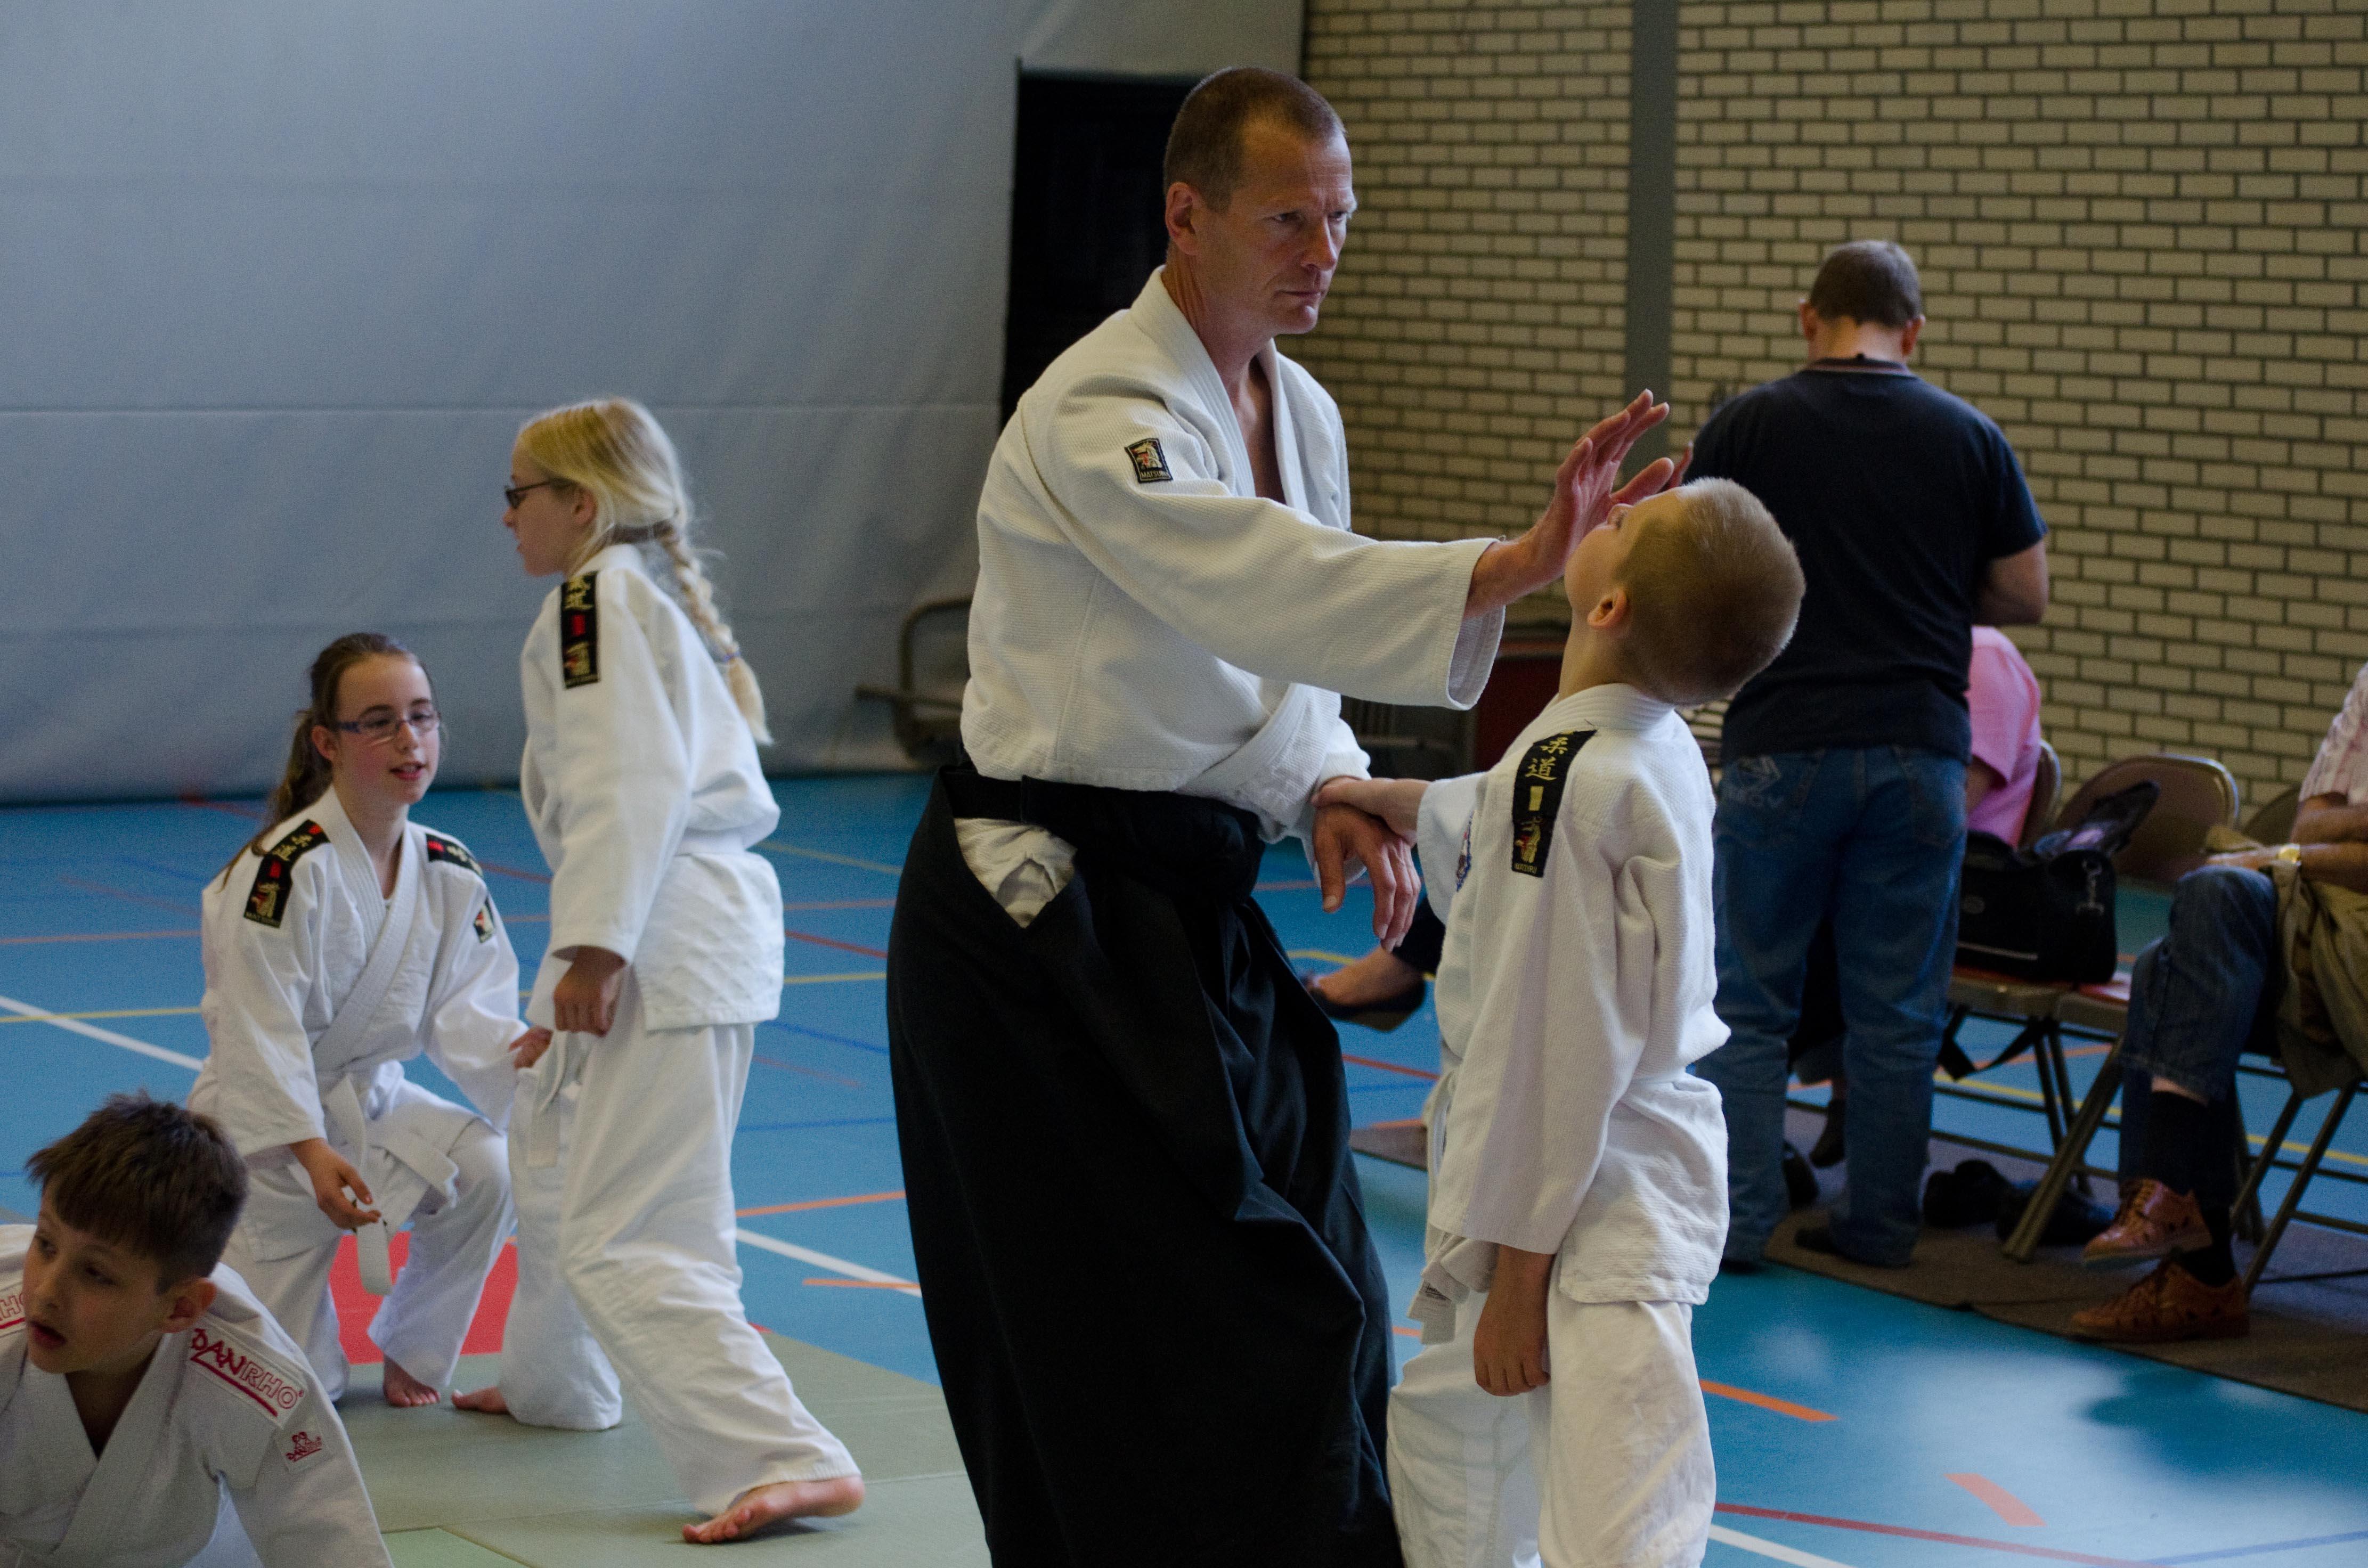 Examendag 2012: Peter Buijsman traint met een van zijn leerlingen